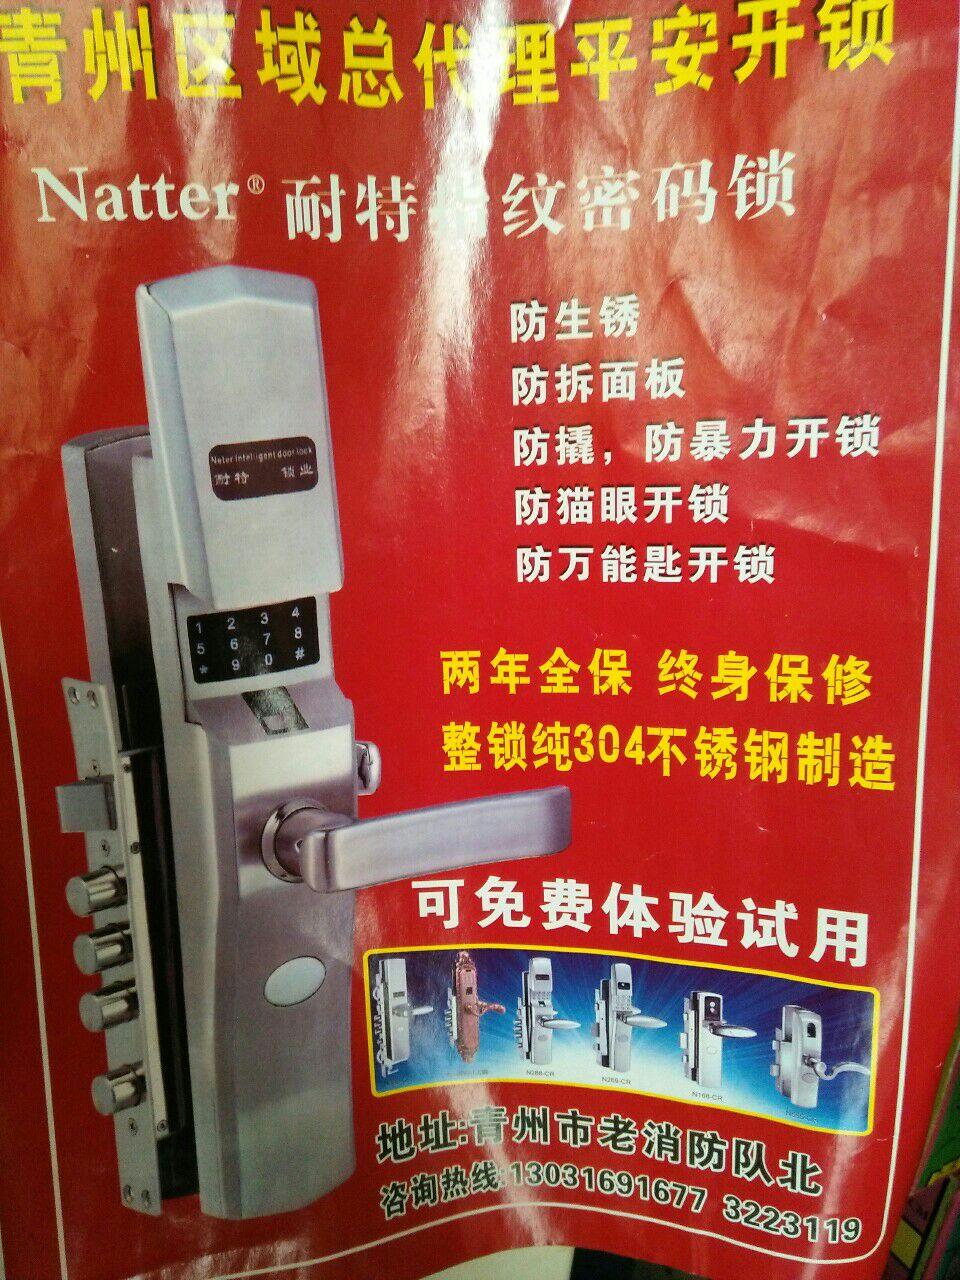 青州开锁公司3223119